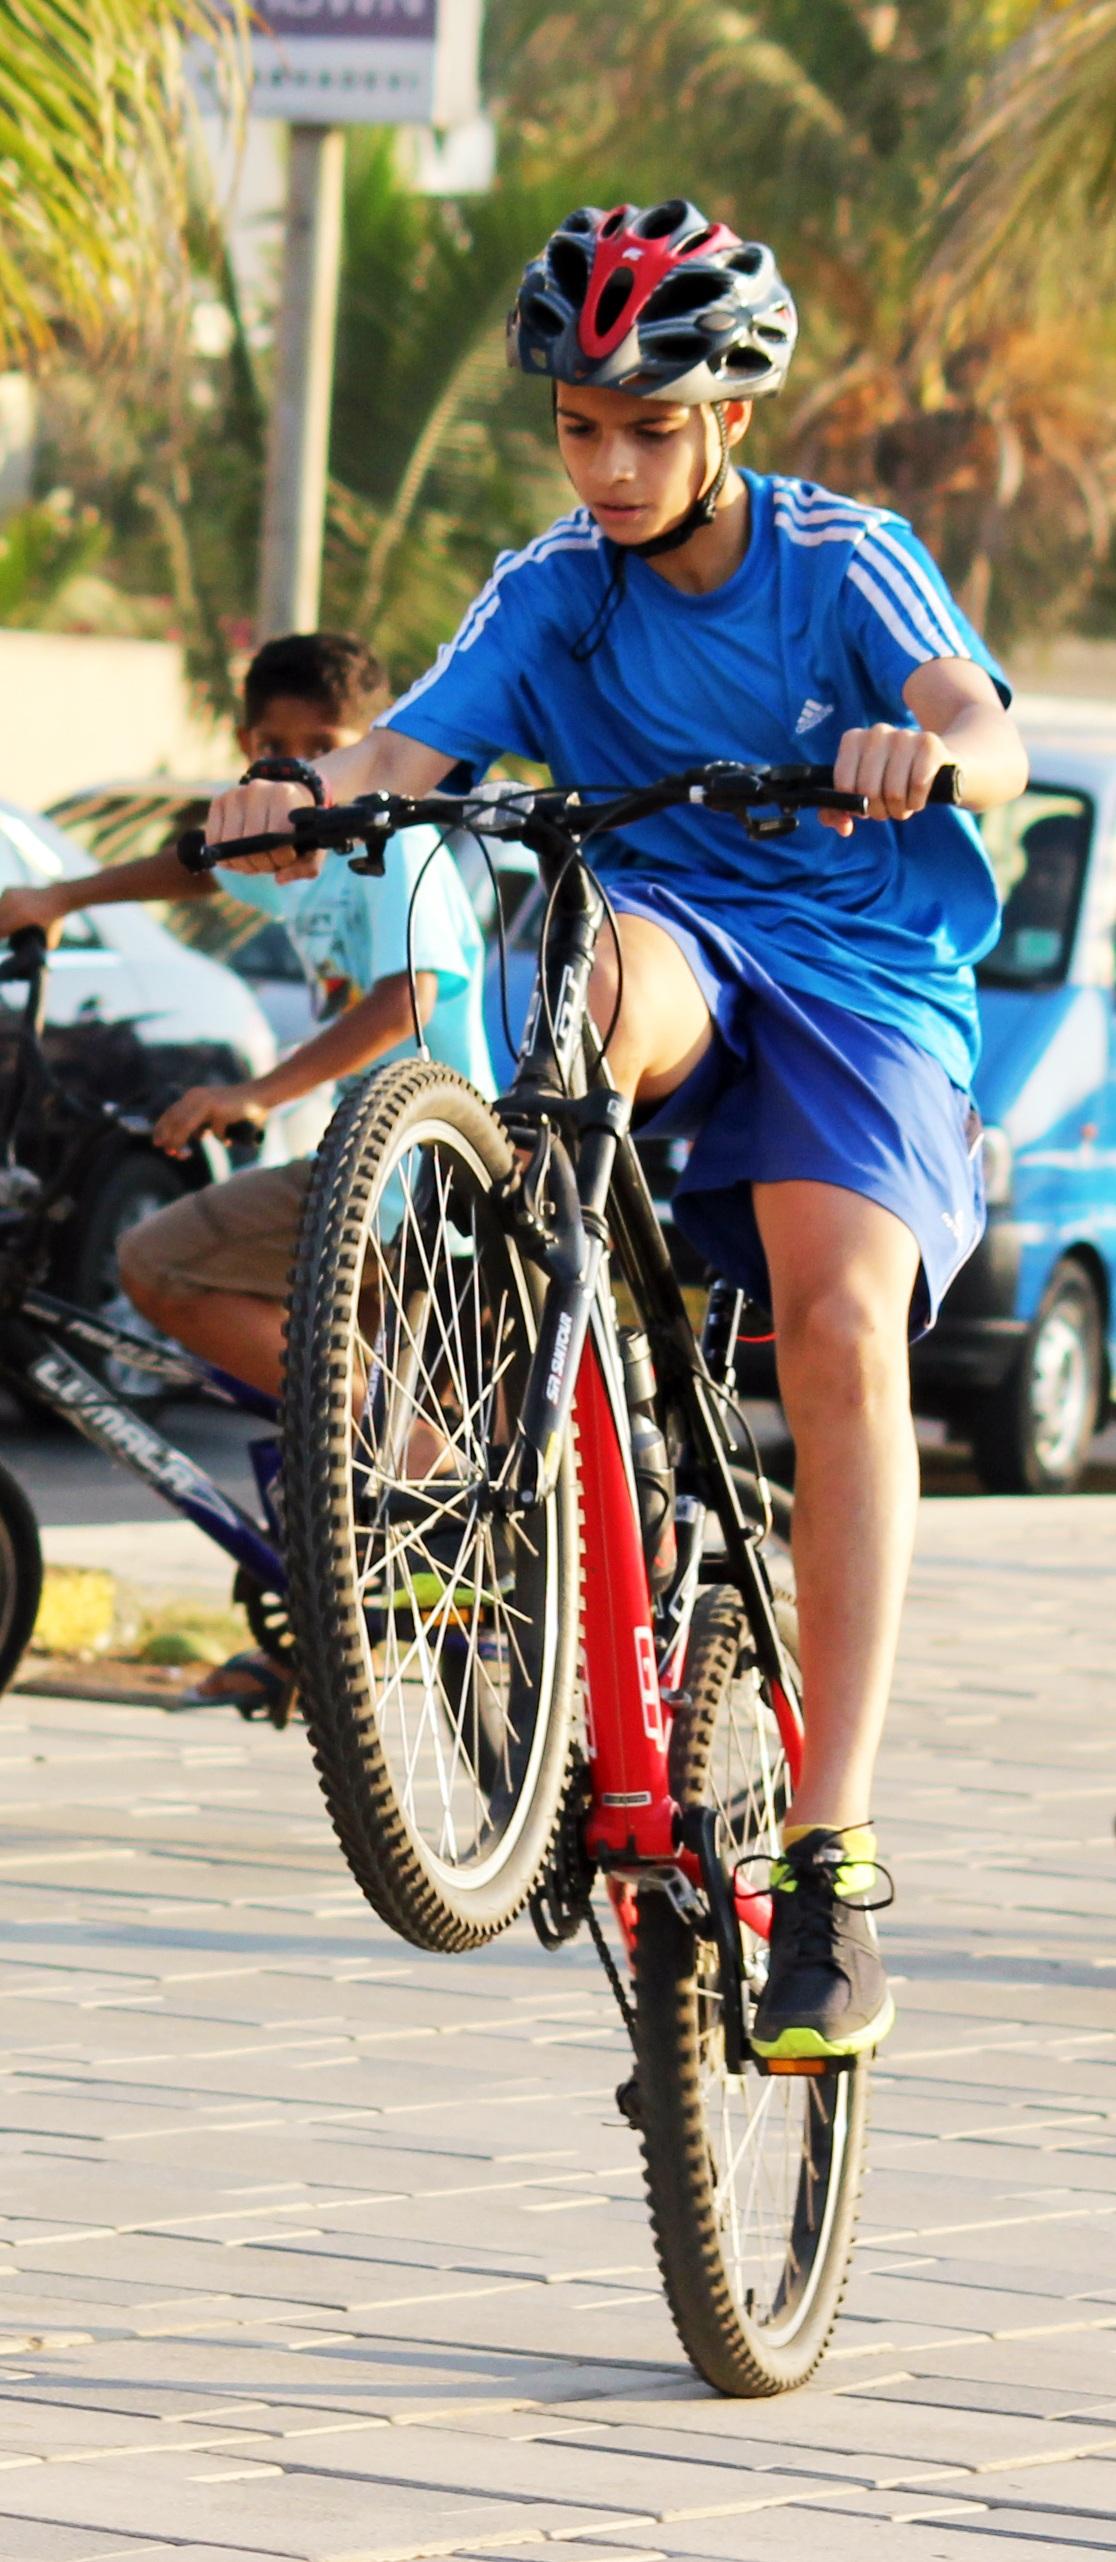 Экстремальный спорт на велосипеде